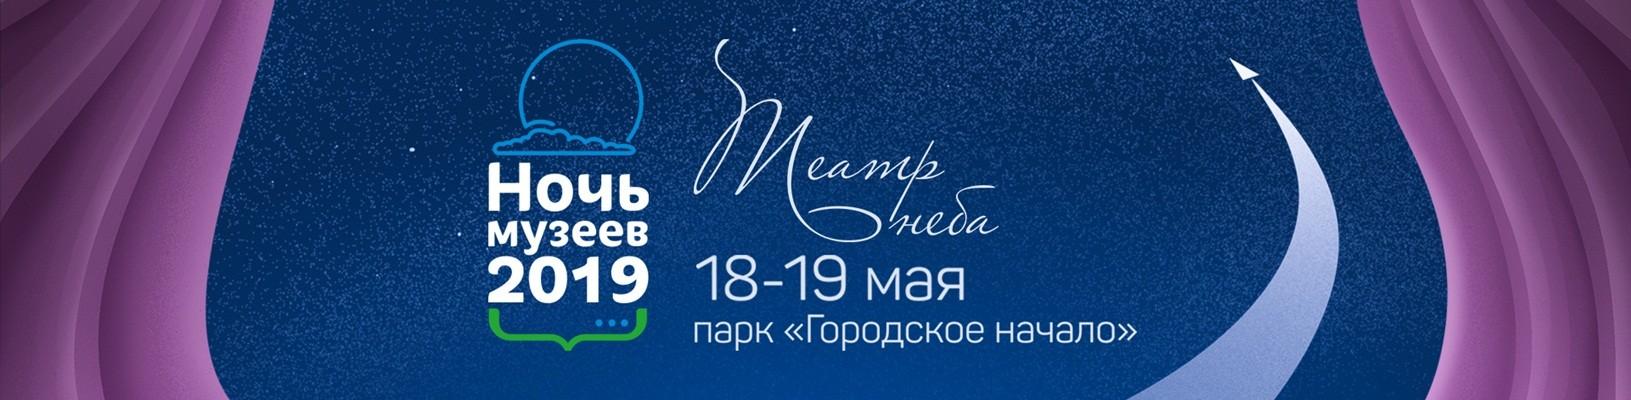 obskaya-muznoch-banner-na-sayt